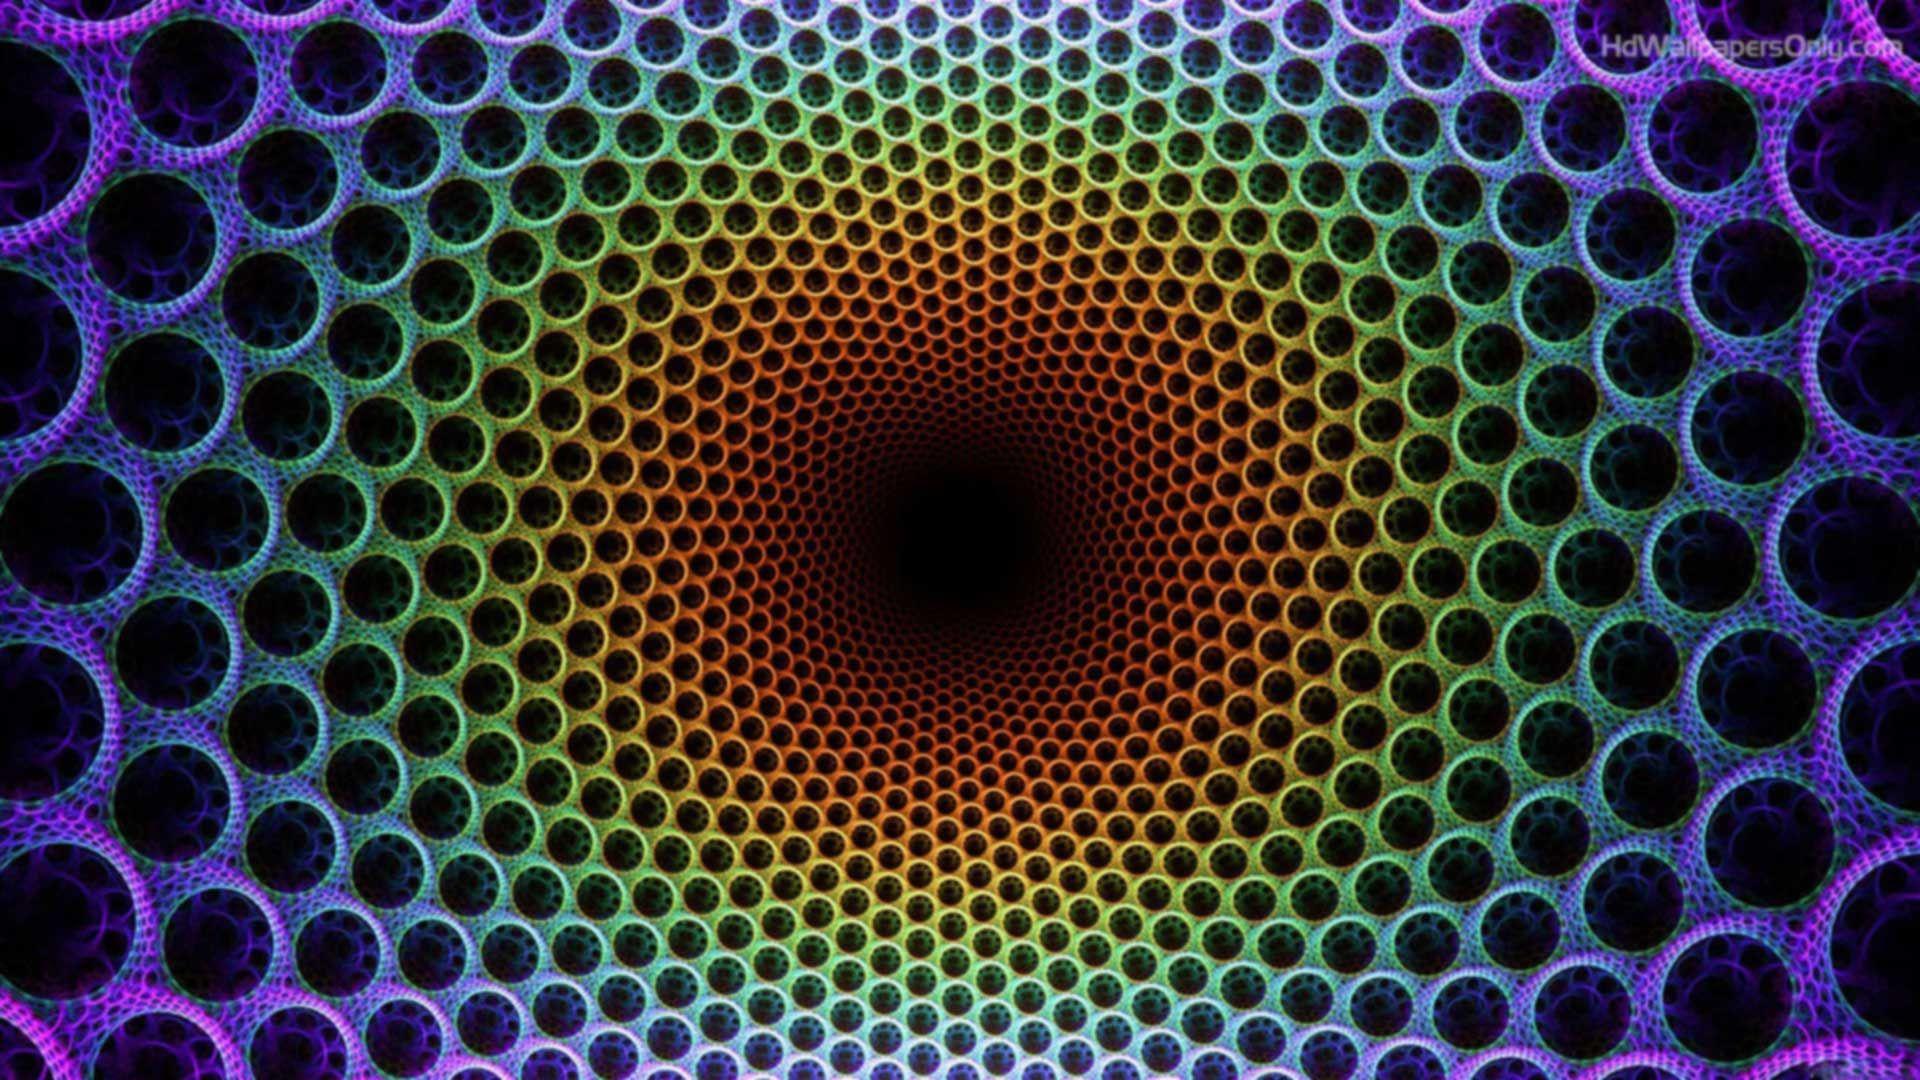 Free Optical Illusion Wallpaper Desktop